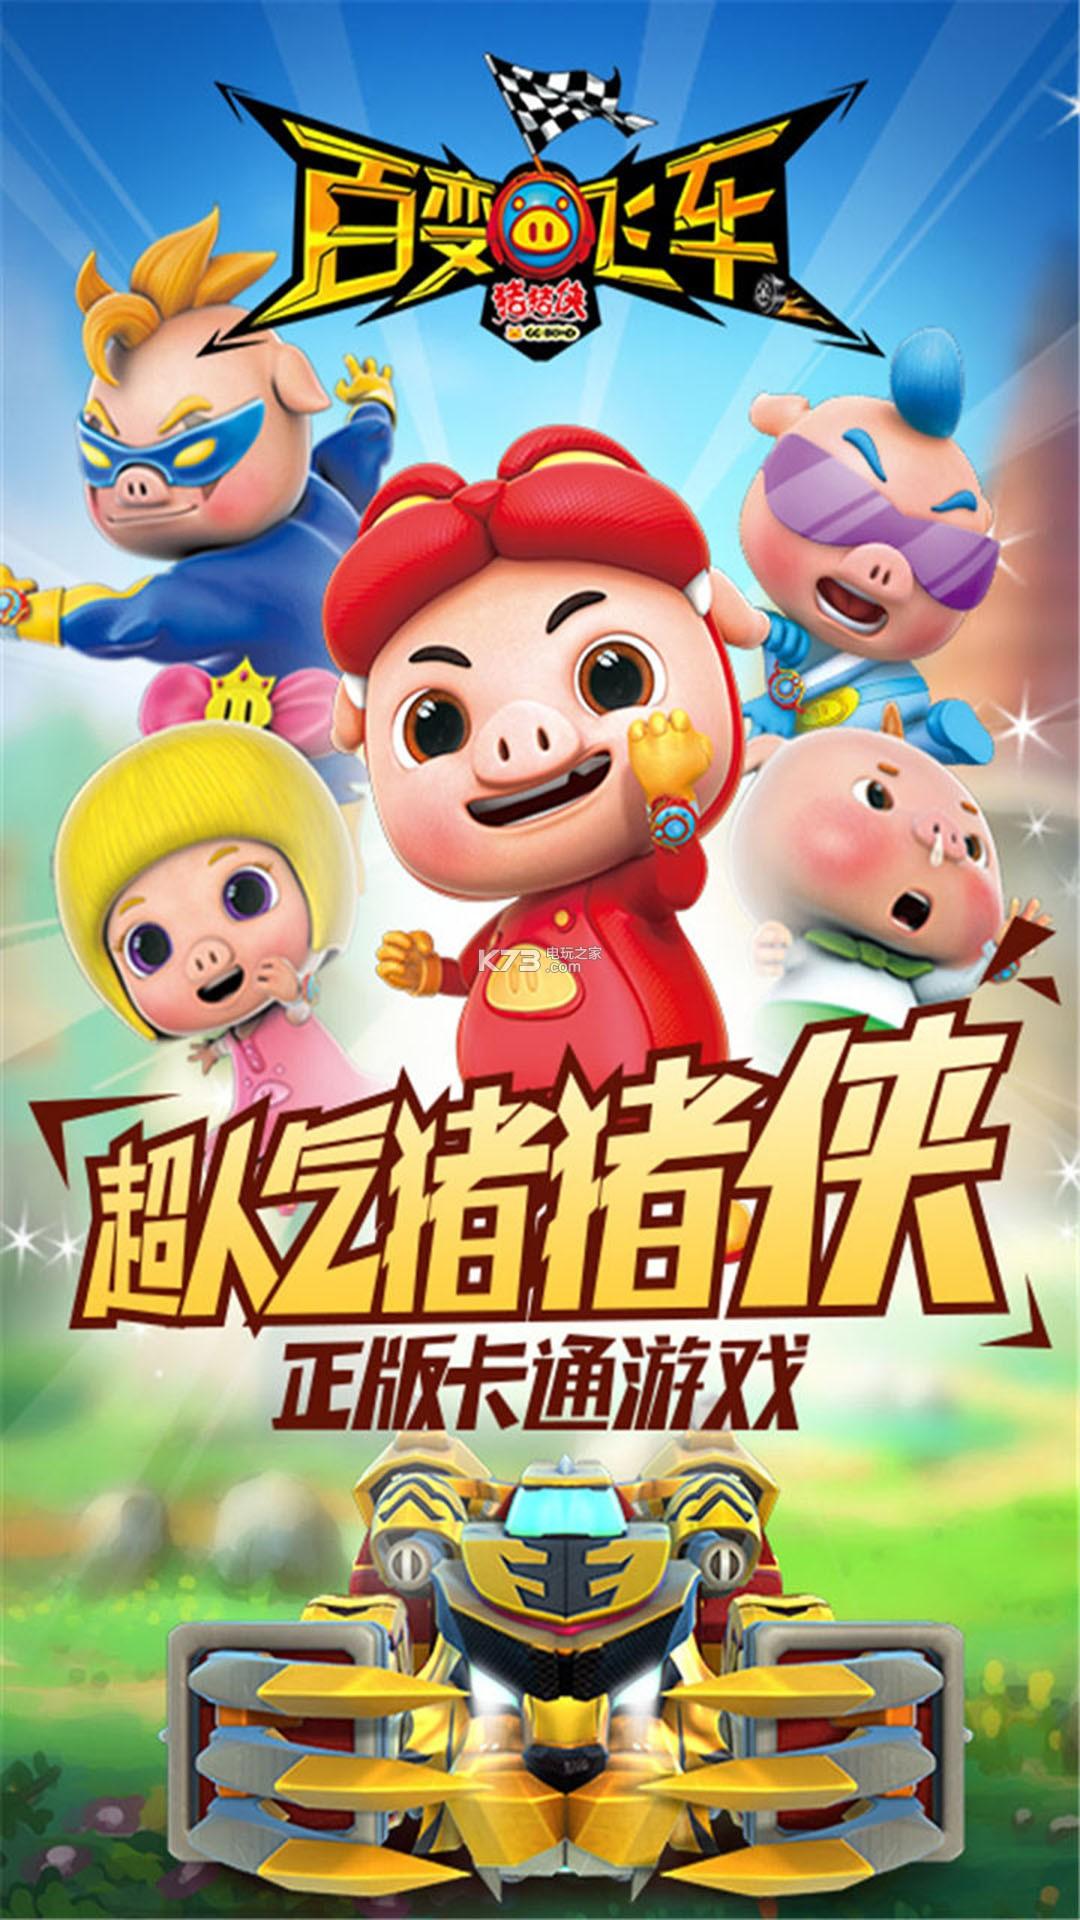 猪猪侠百变飞车 v1.83 官方下载 截图